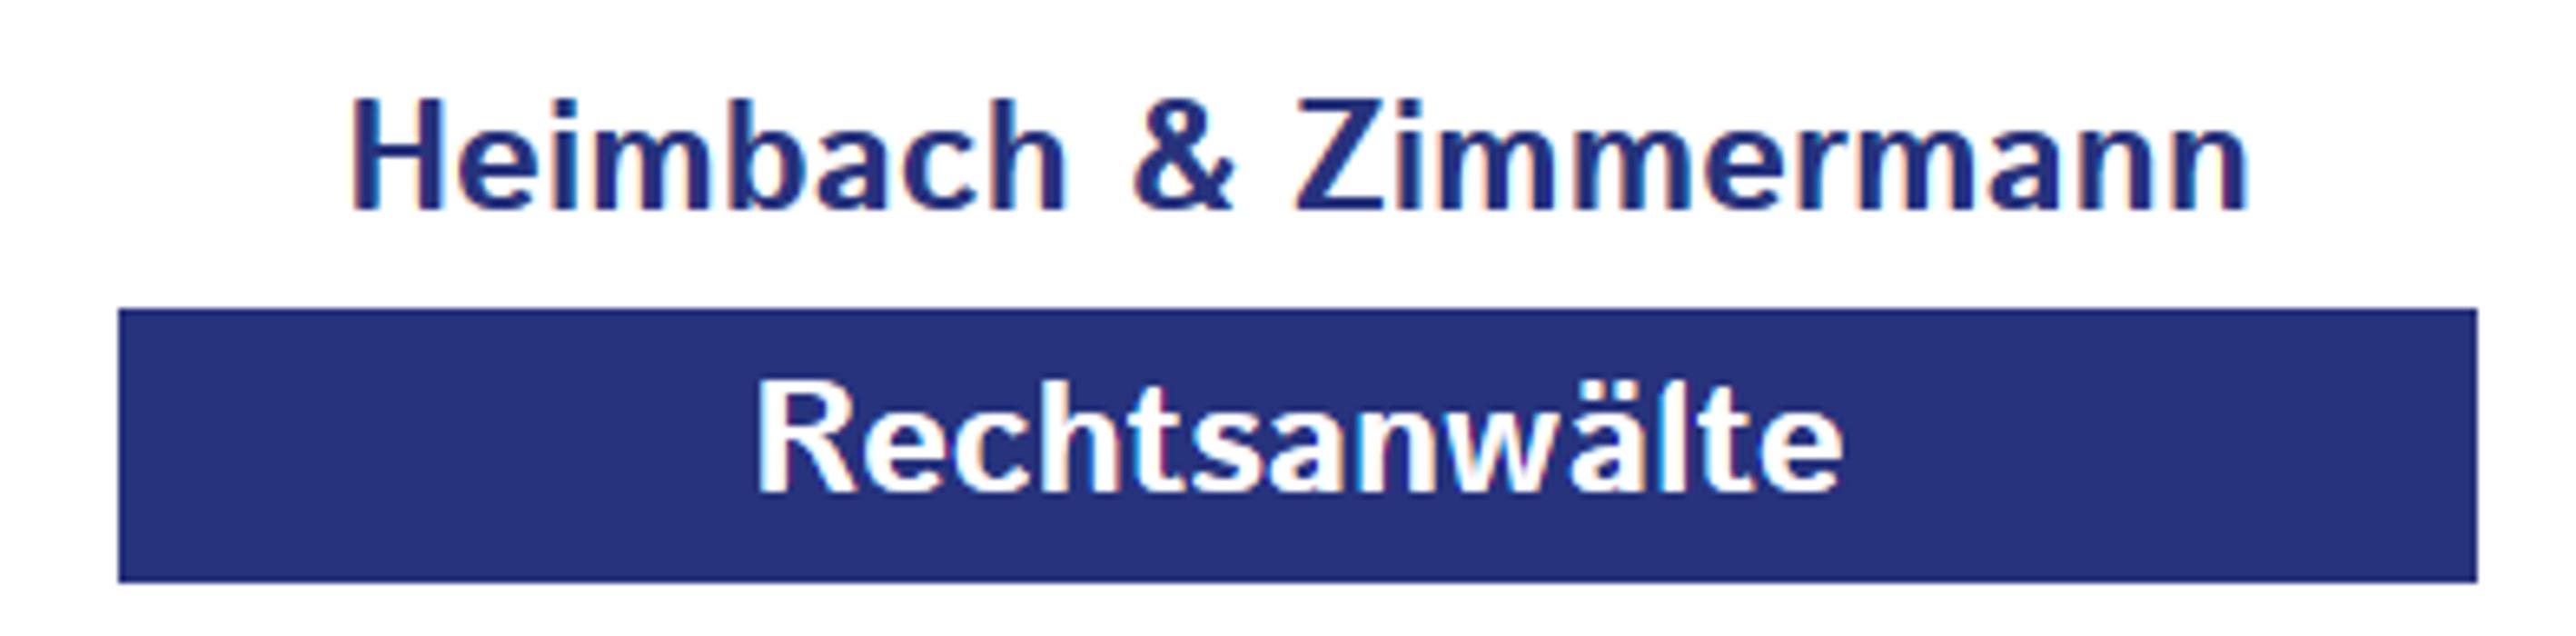 Bild zu Heimbach & Zimmermann Rechtsanwälte in Aachen